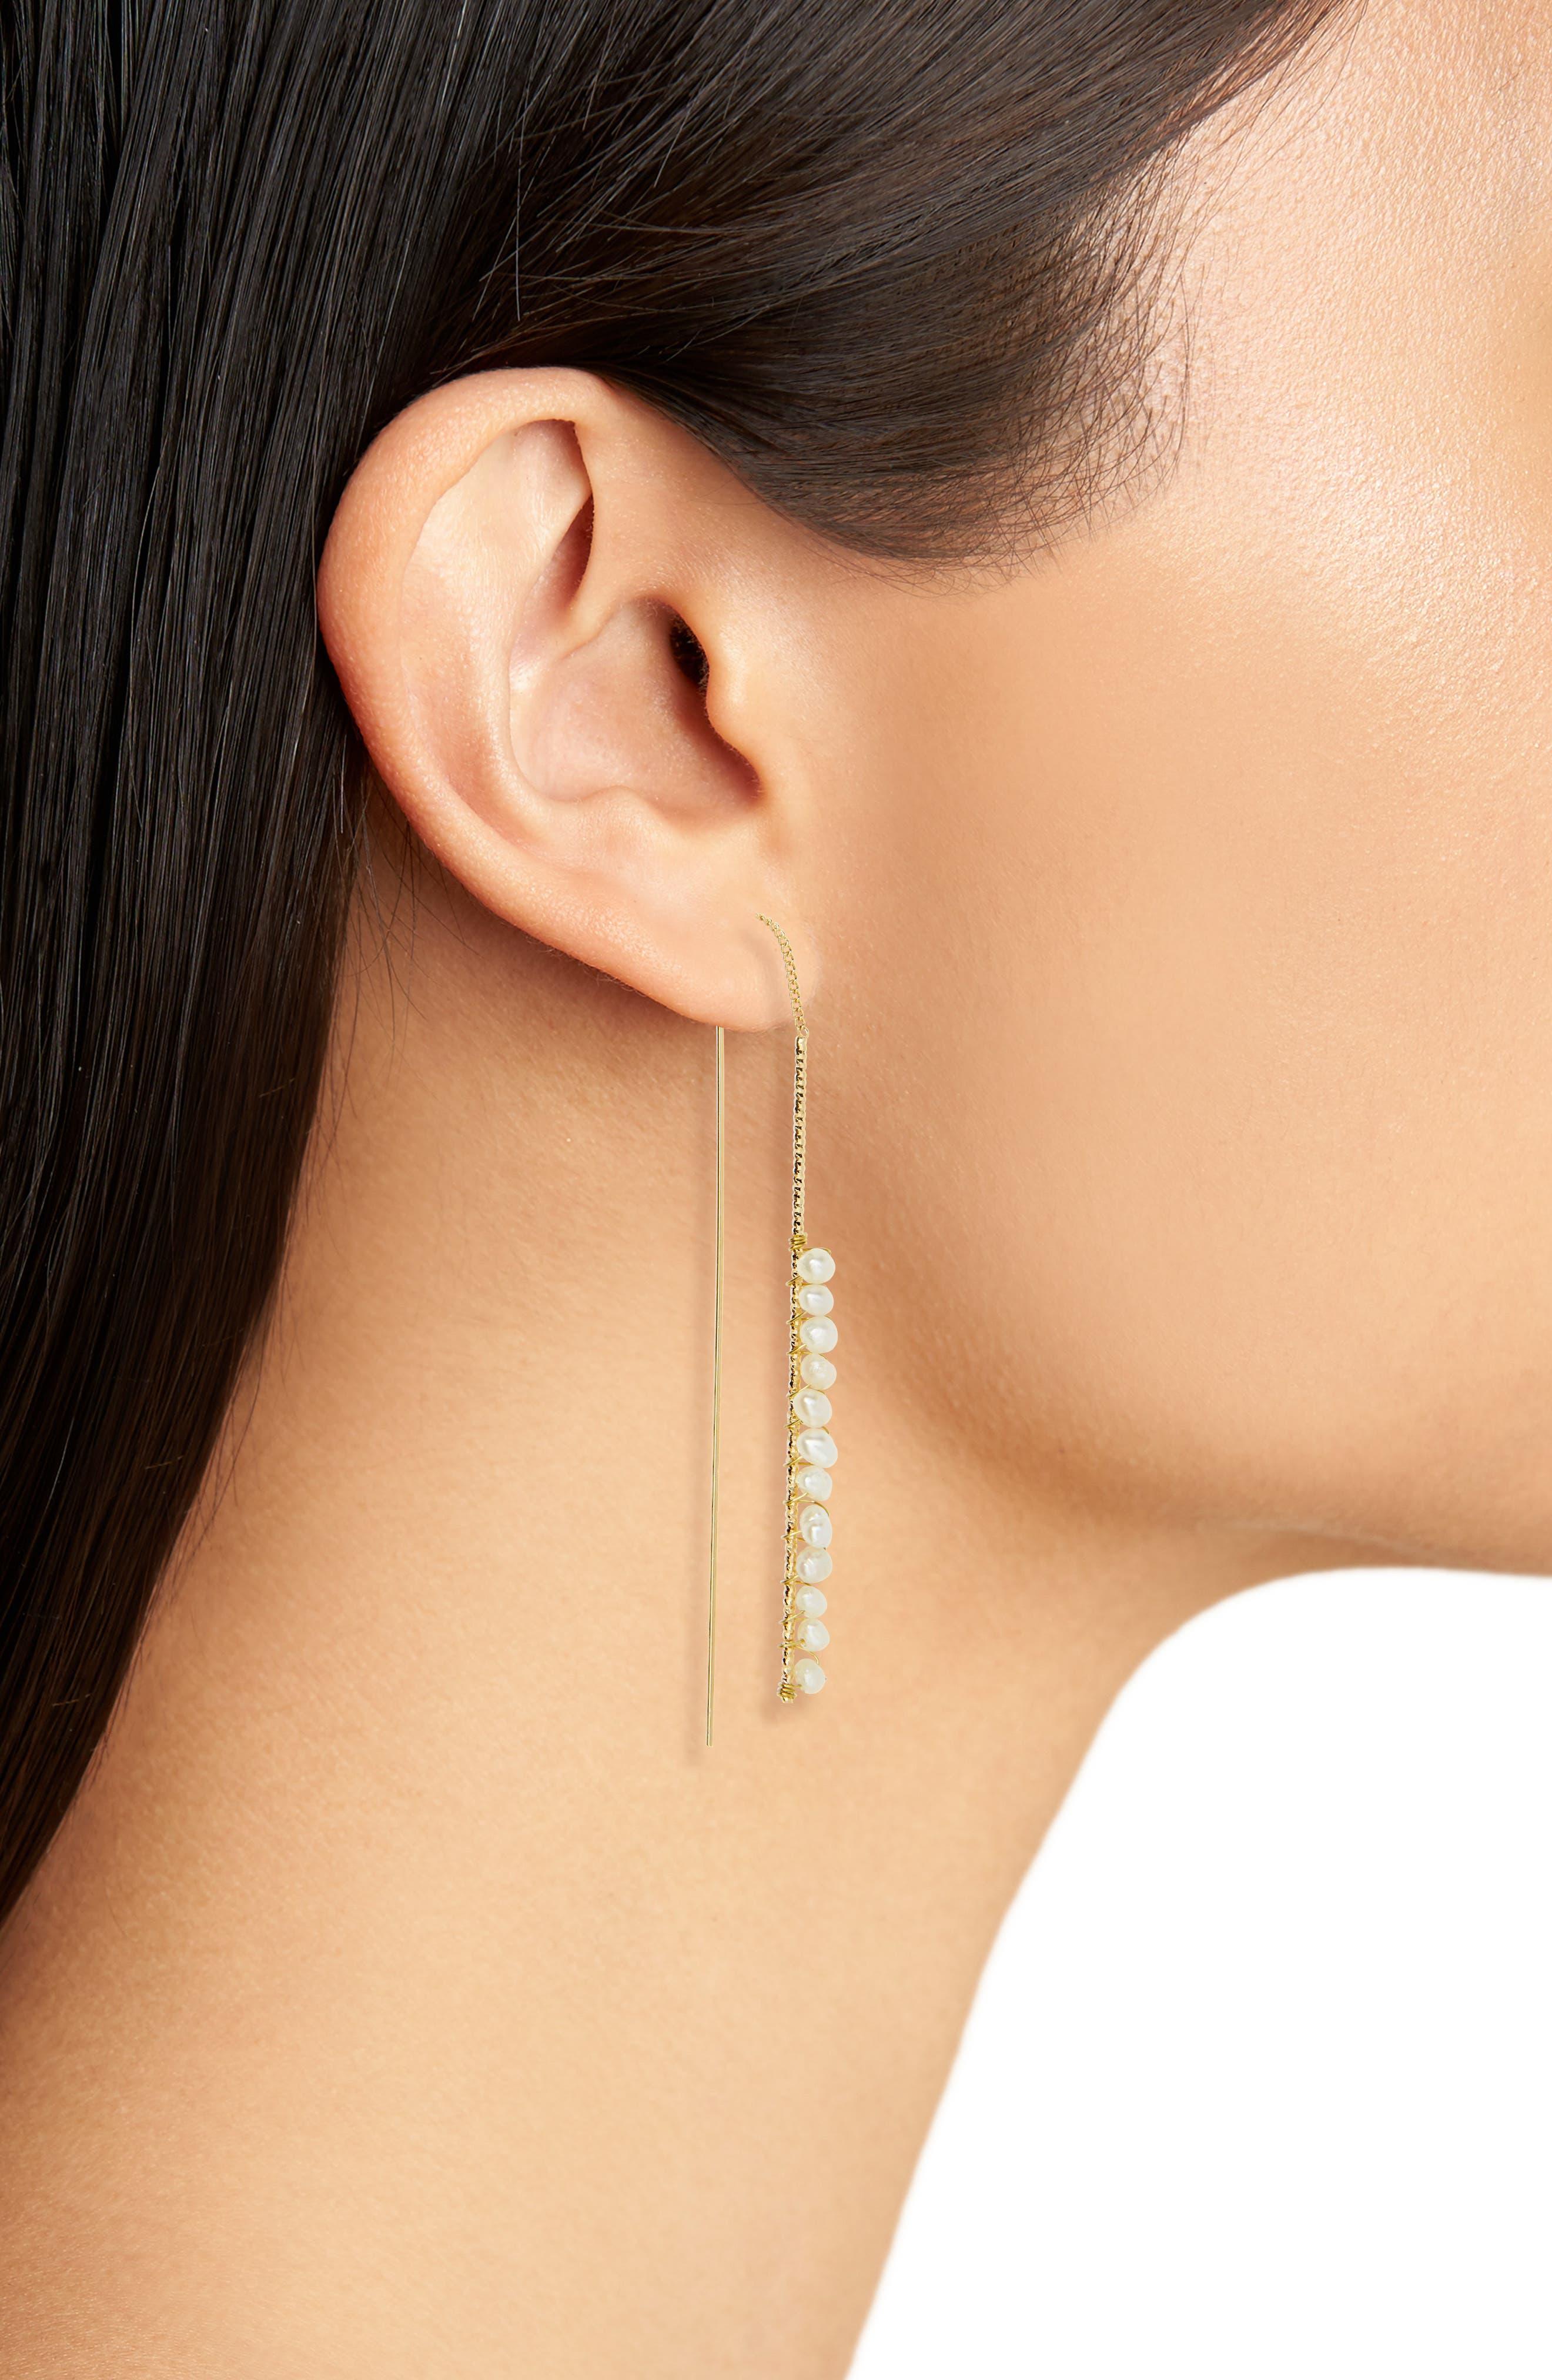 Freshwater Pearl Linear Threader Earrings,                             Alternate thumbnail 2, color,                             White